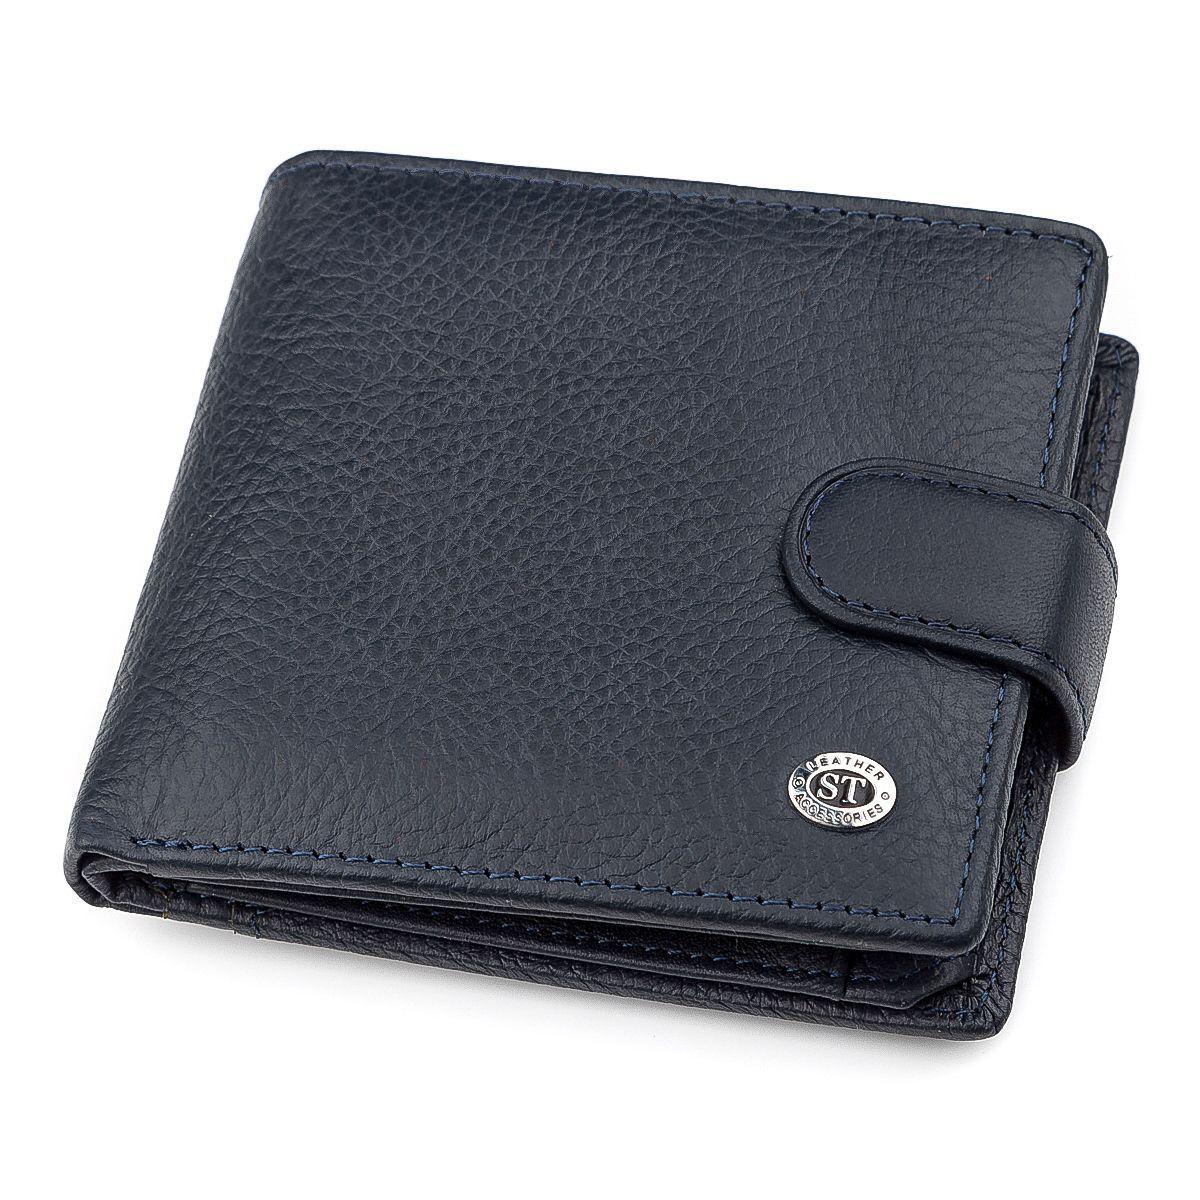 Мужской кошелек ST Leather 18346 (ST153) удобный Синий, Синий